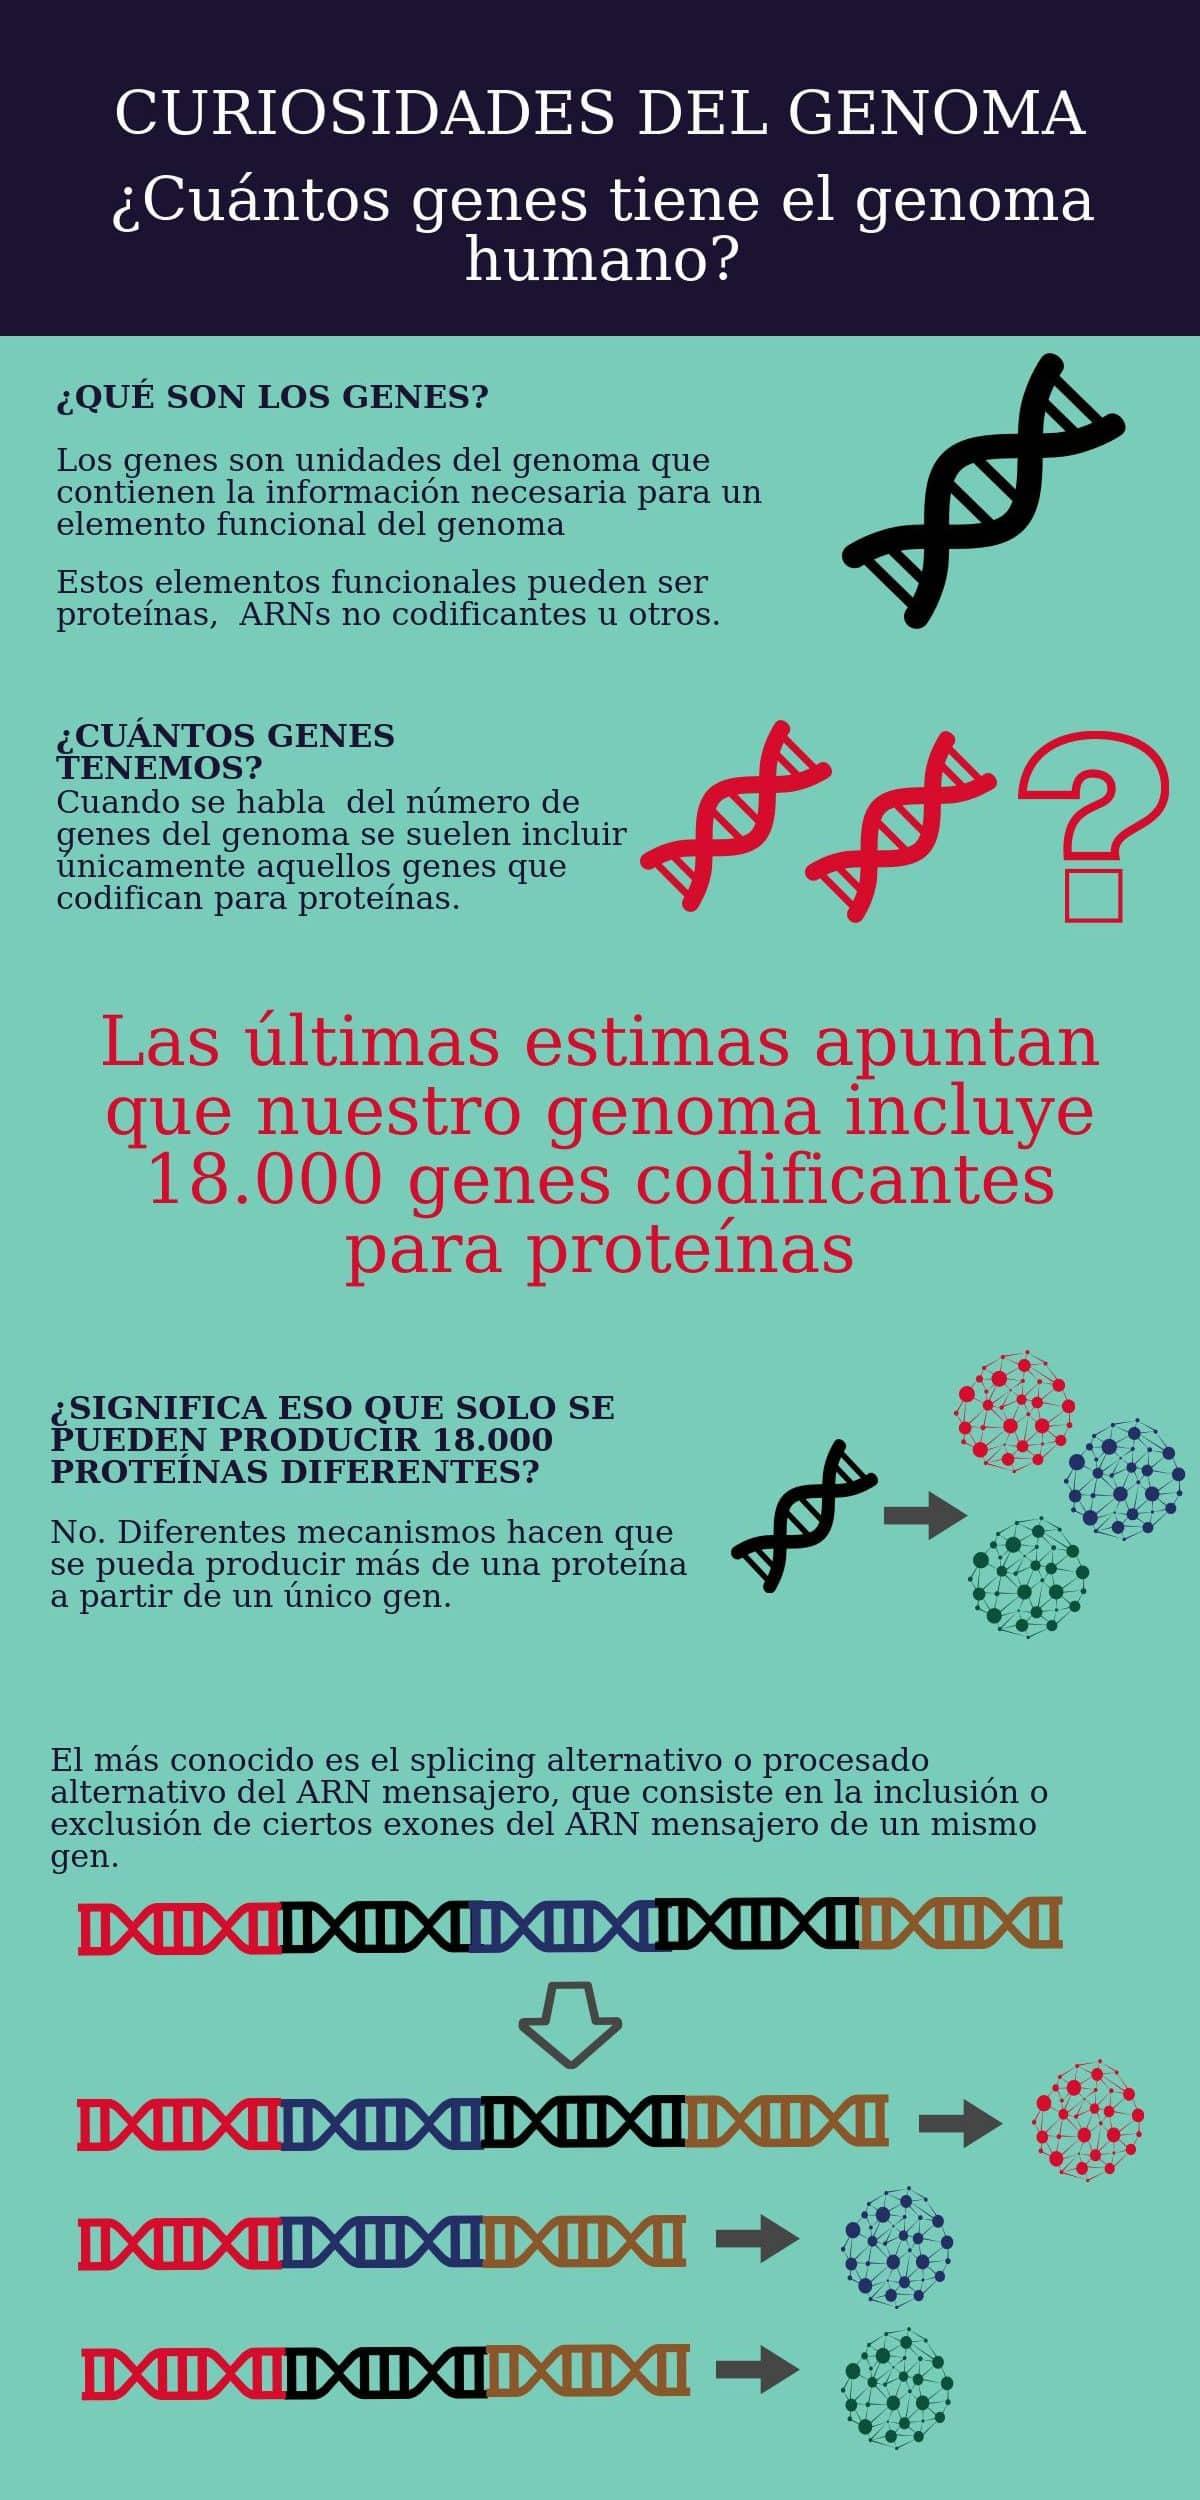 curiosidades del genoma